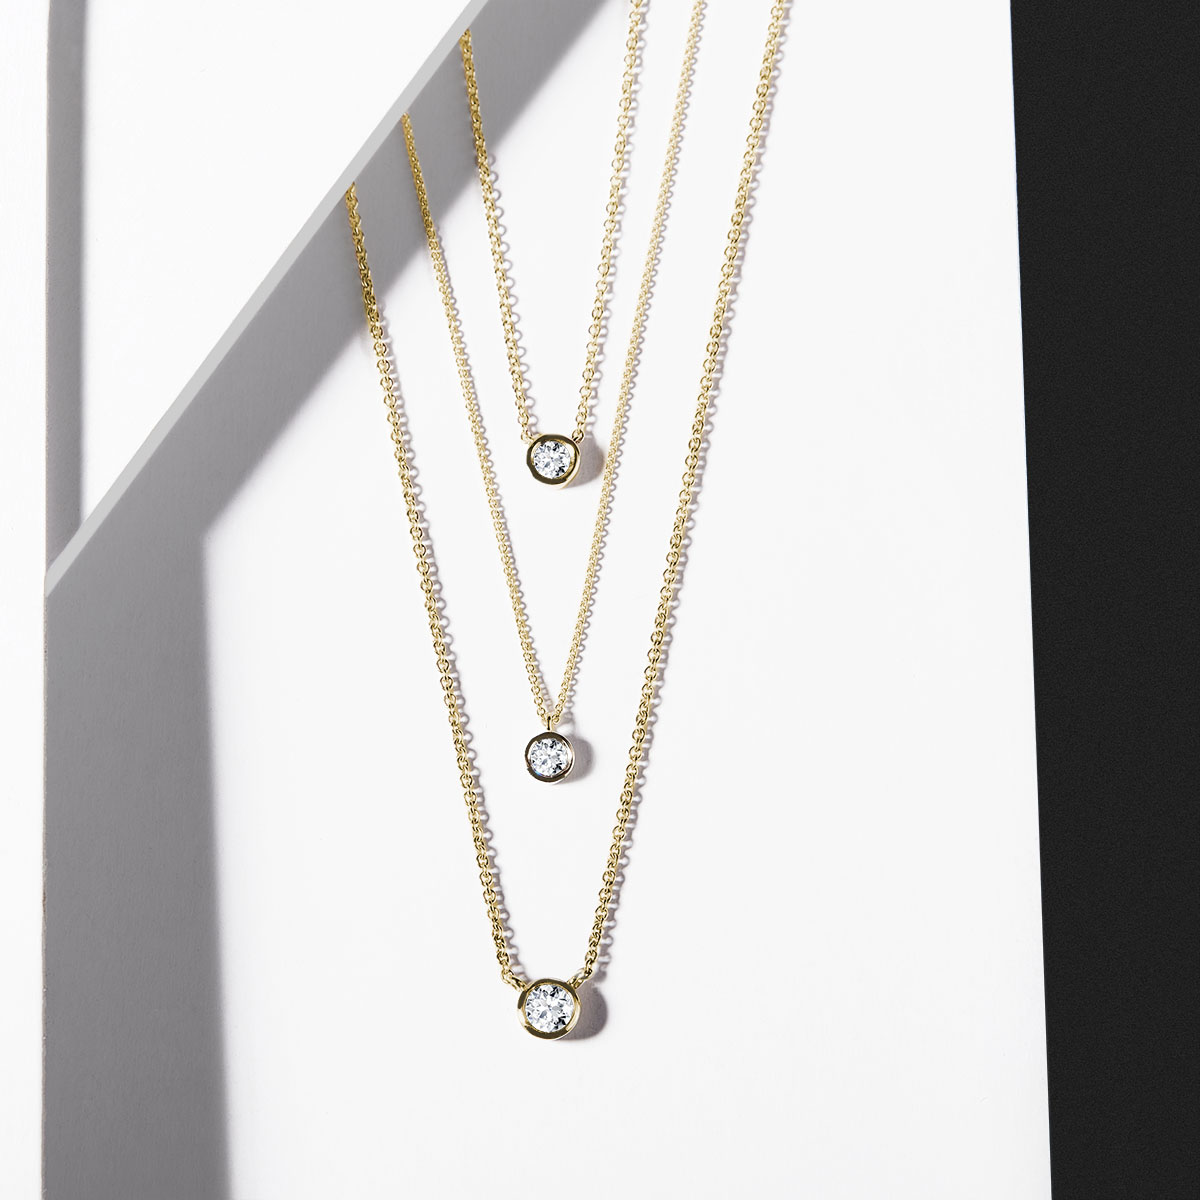 Les pendentifs ornés de diamants sertis clos créent quant à eux une charmante impression